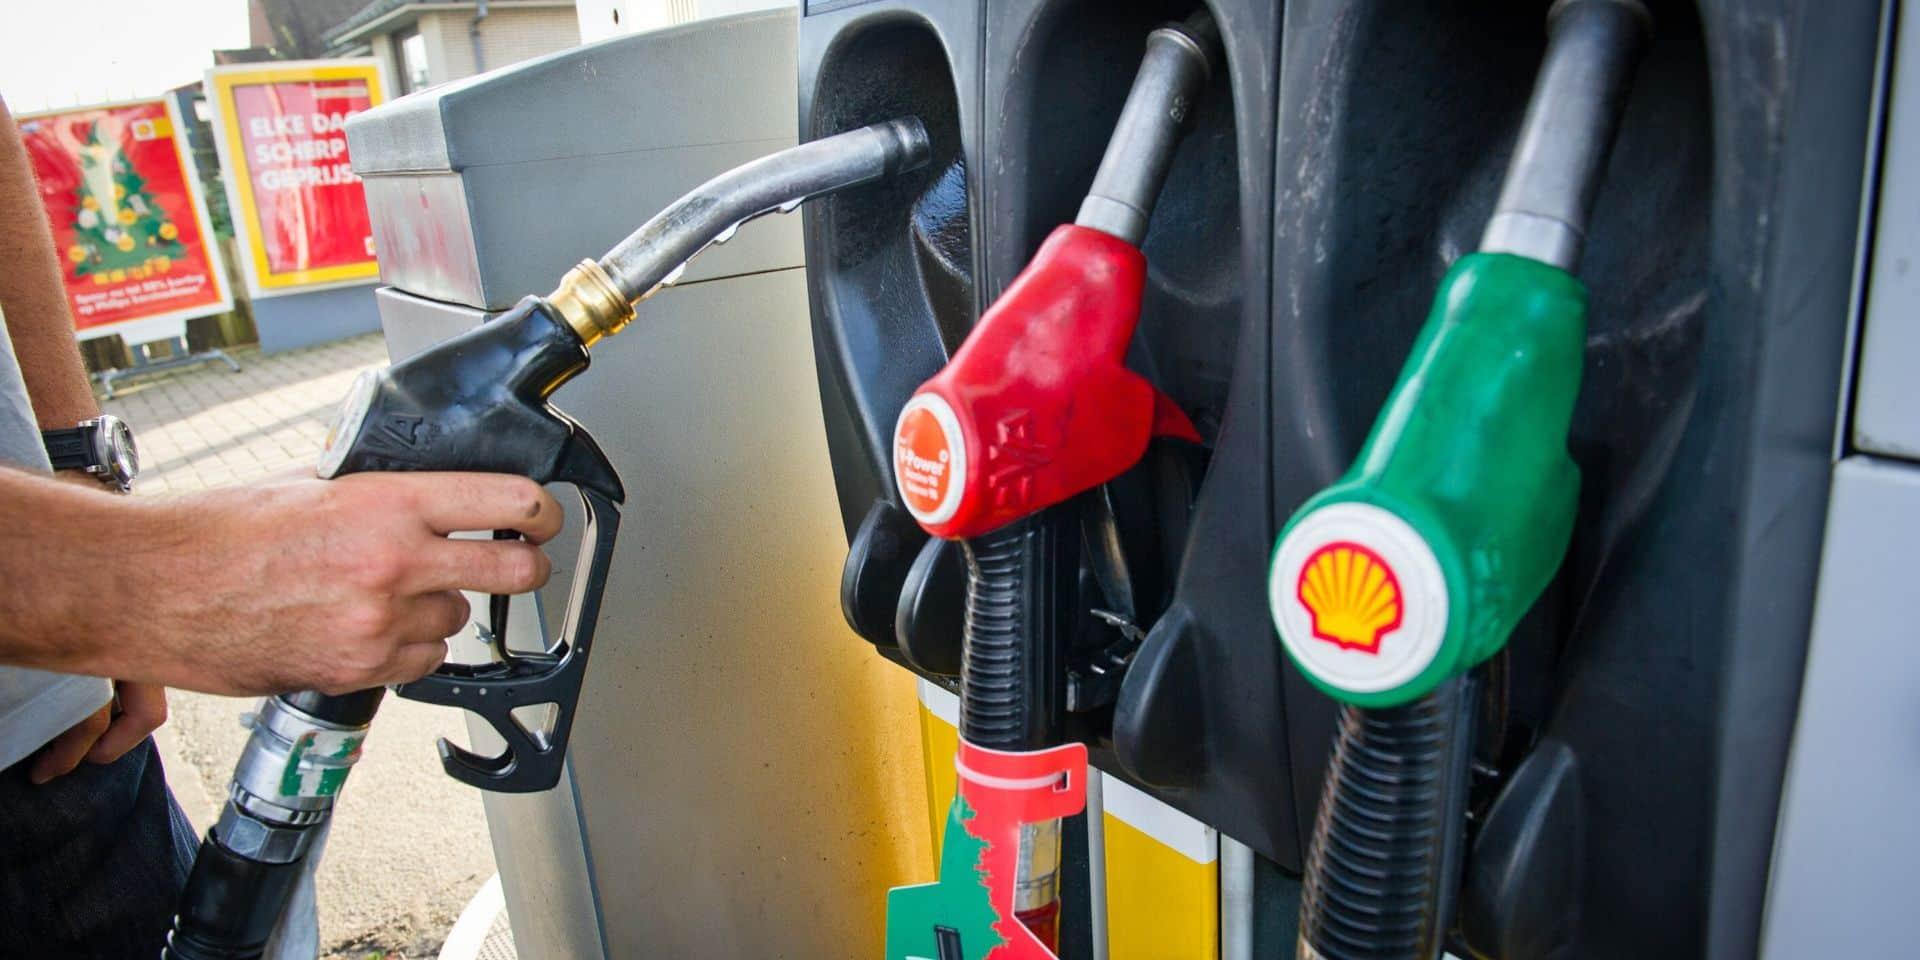 Mauvaise nouvelle à la pompe: le prix du diesel bondit encore